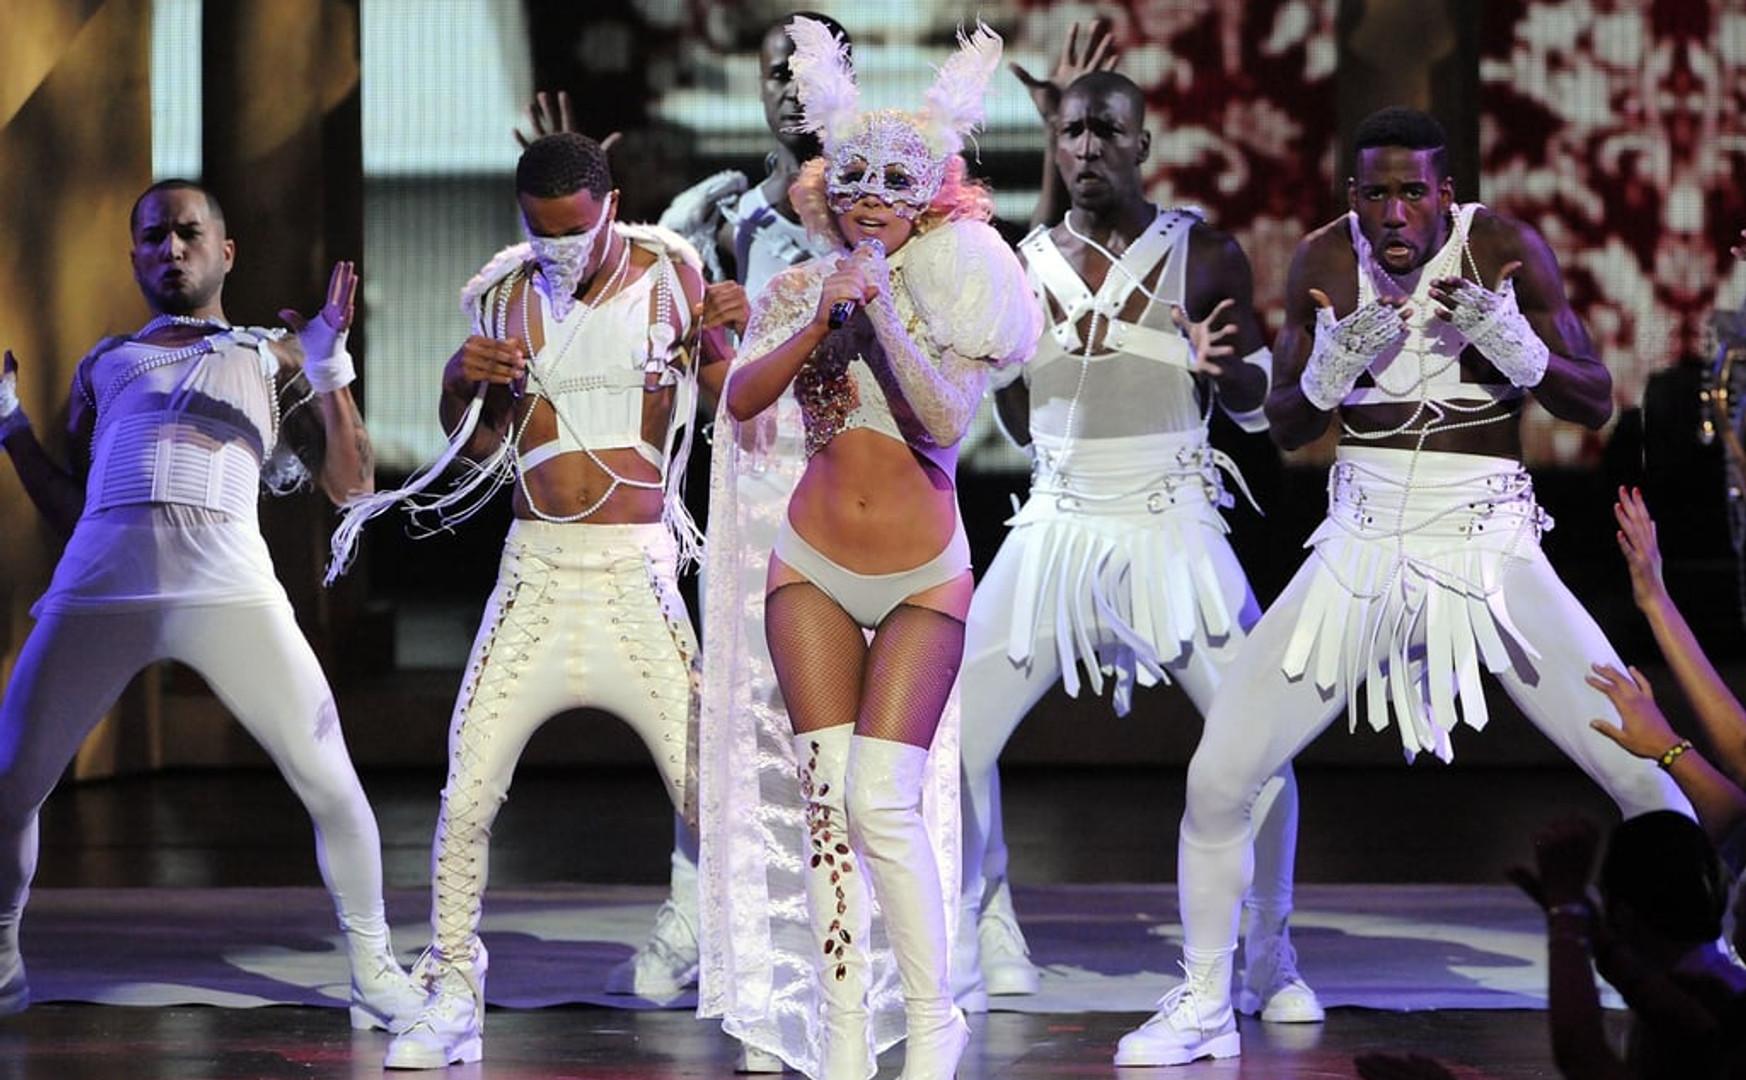 Lady Gaga - Paparazzi at the 2009 MTV VMA's